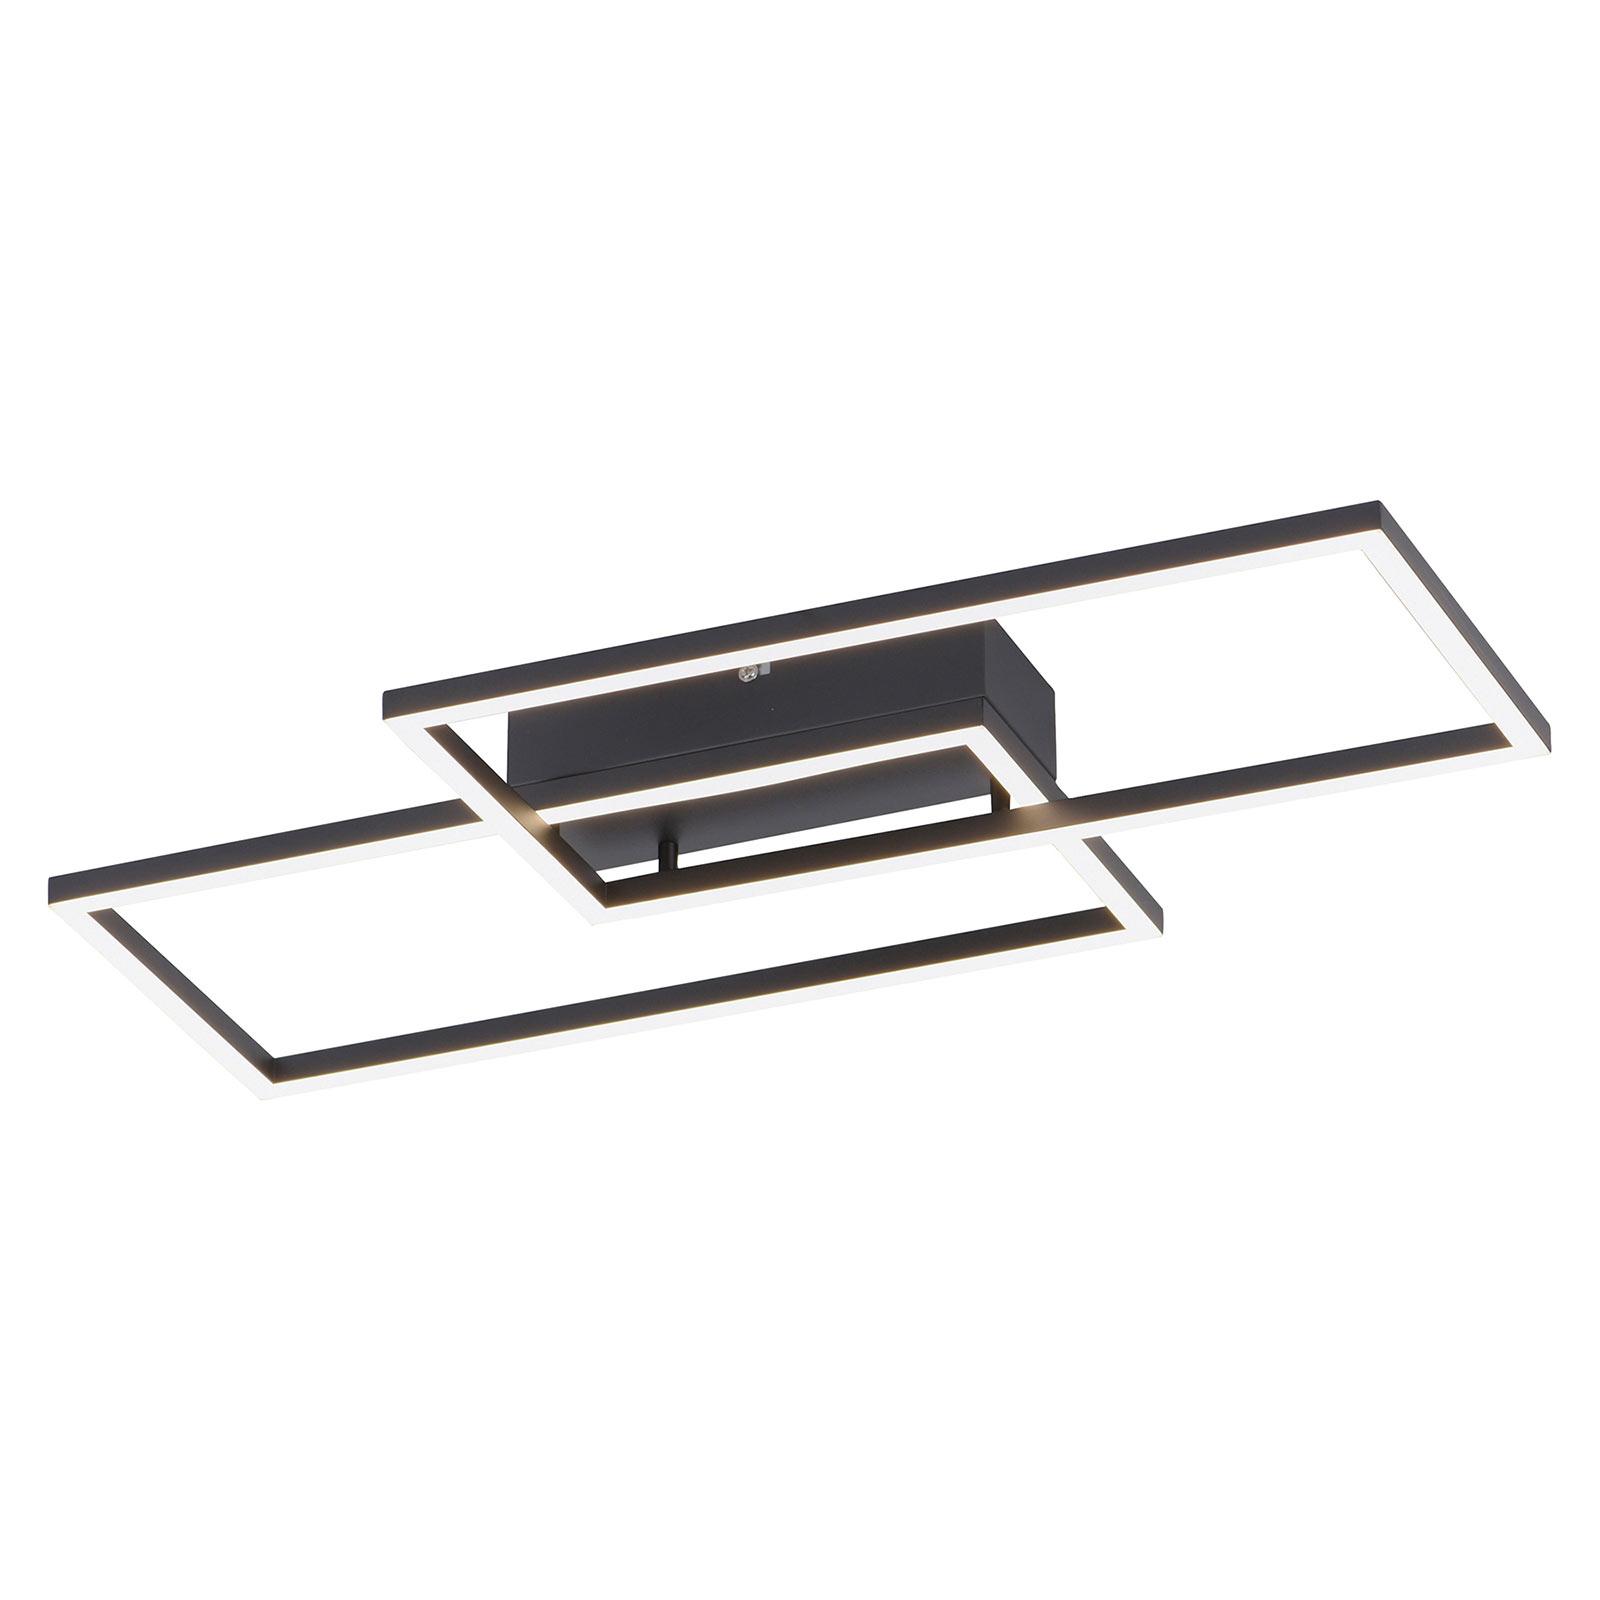 Iven LED-loftlampe, sort, 2 lyskilder rektangulær